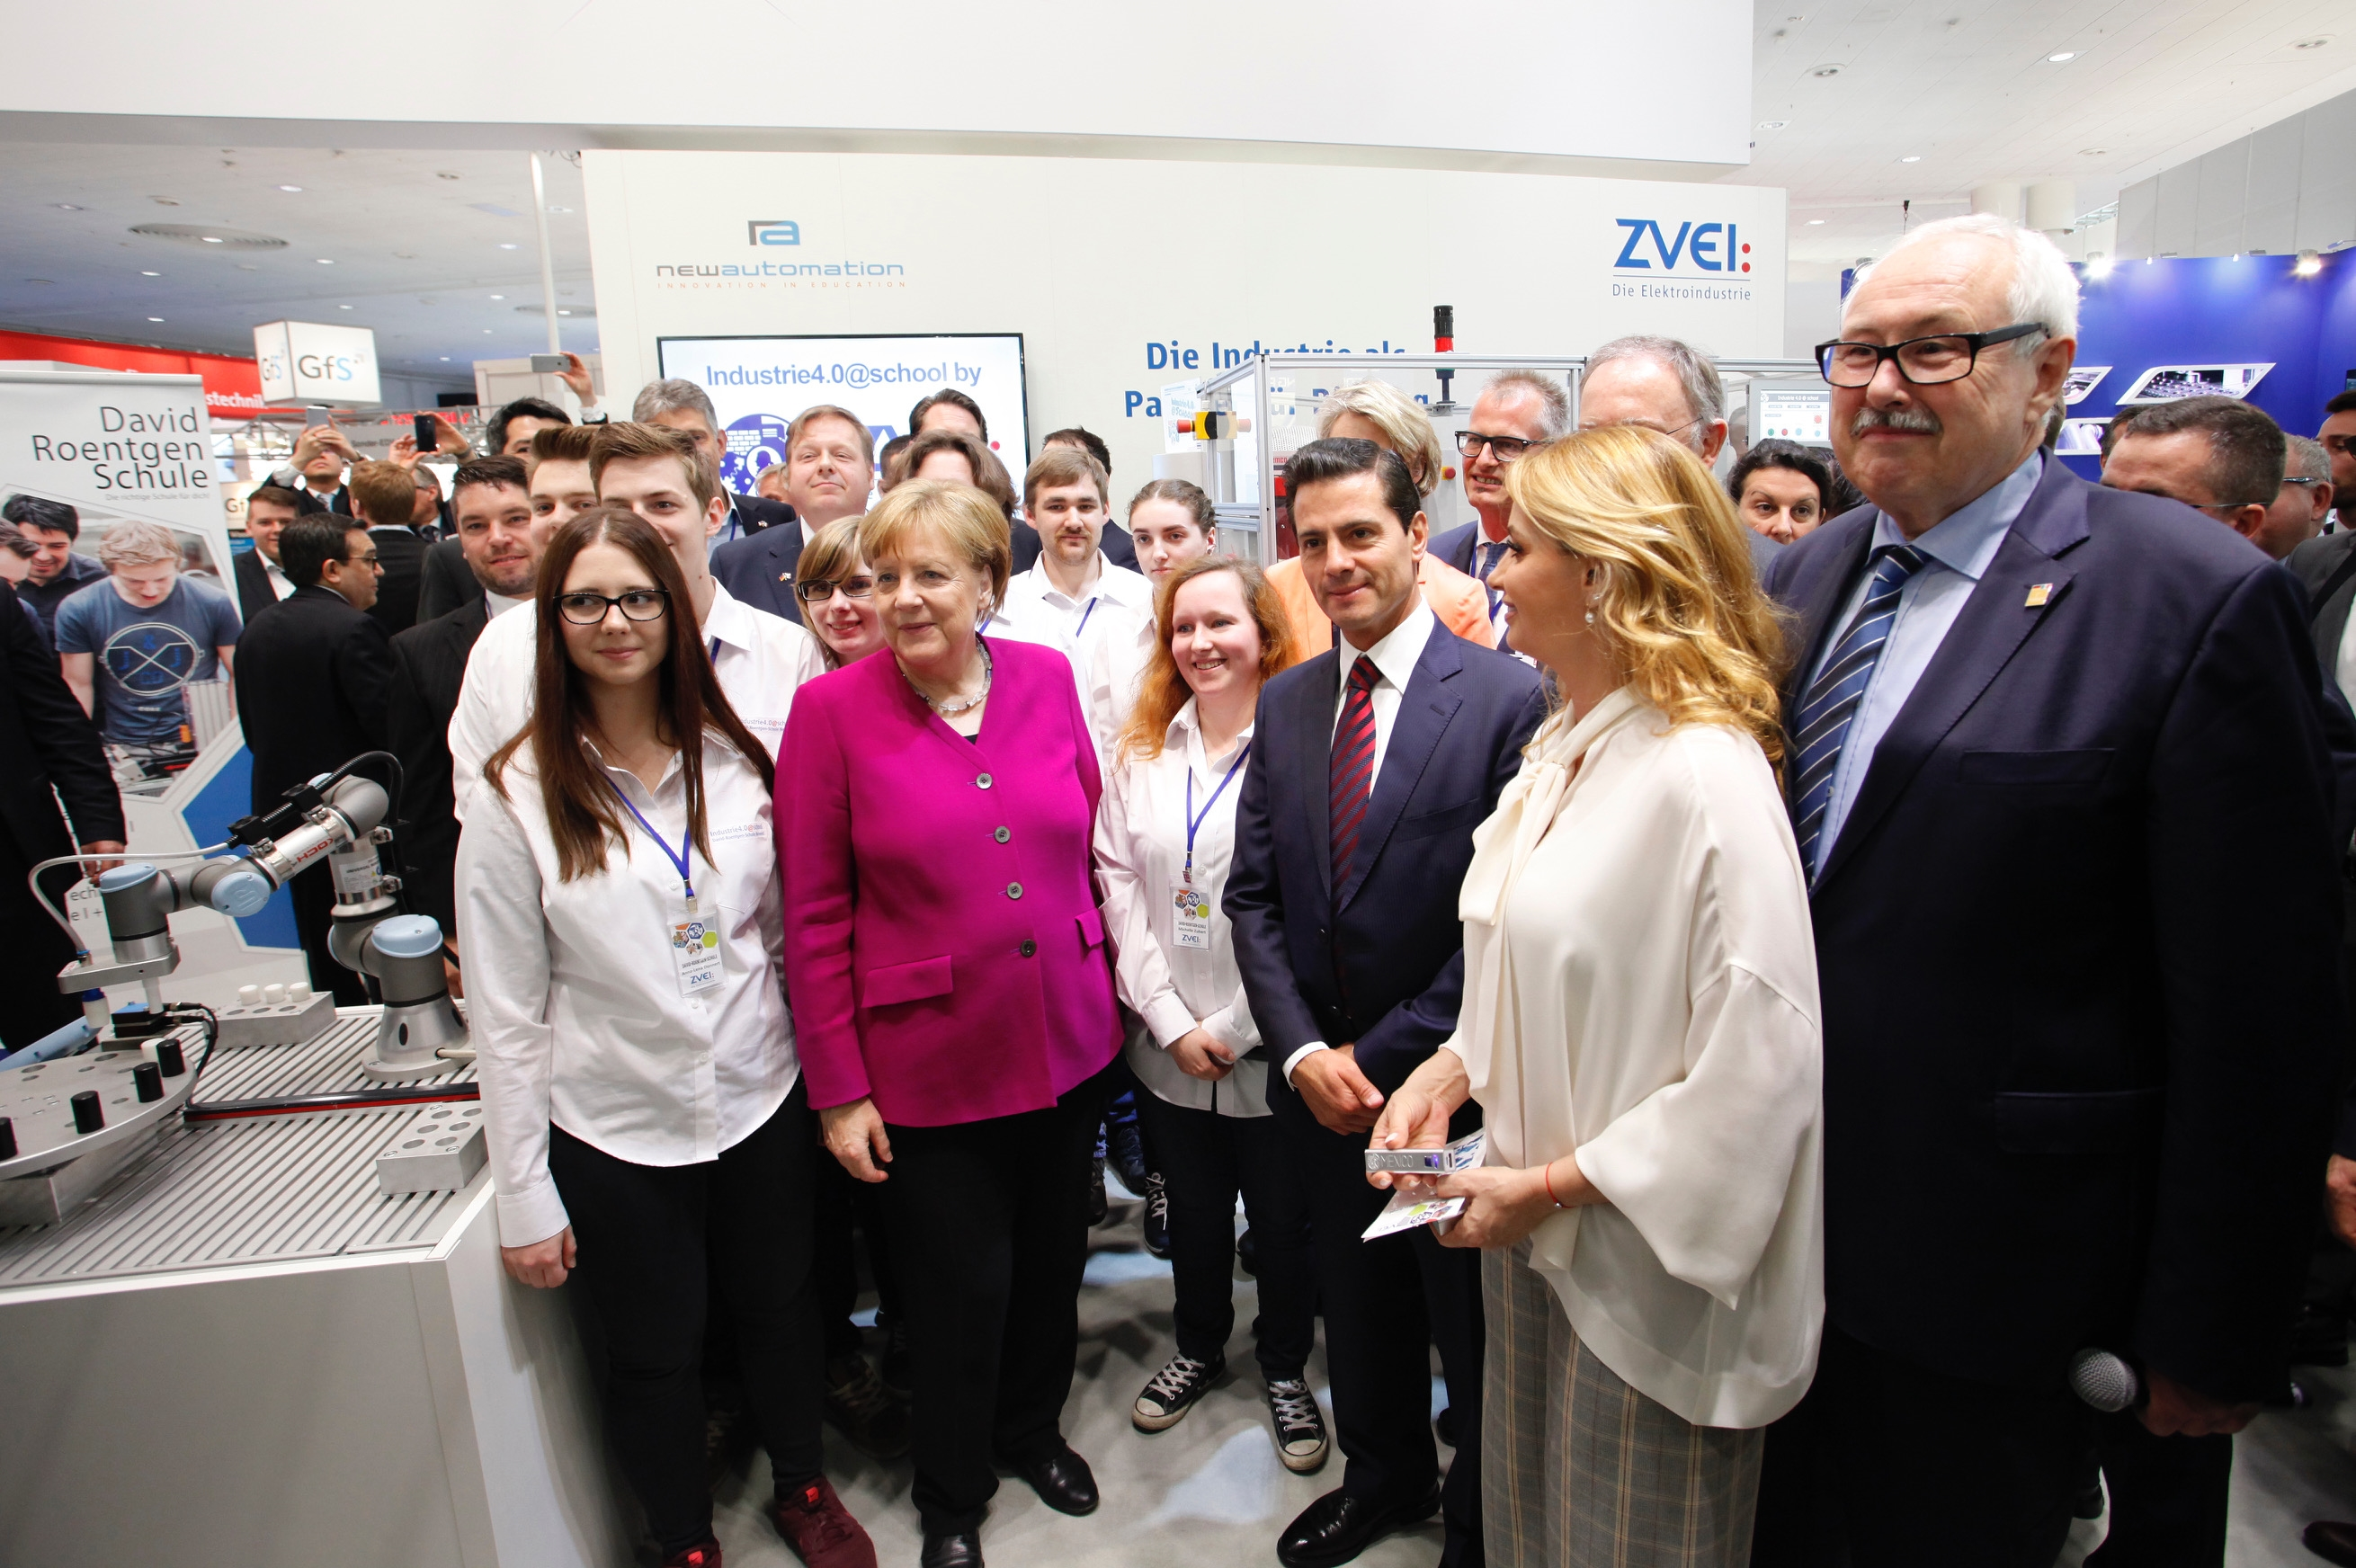 Bundeskanzlerin Merkel Besucht Industrie 40 Projekt Der David